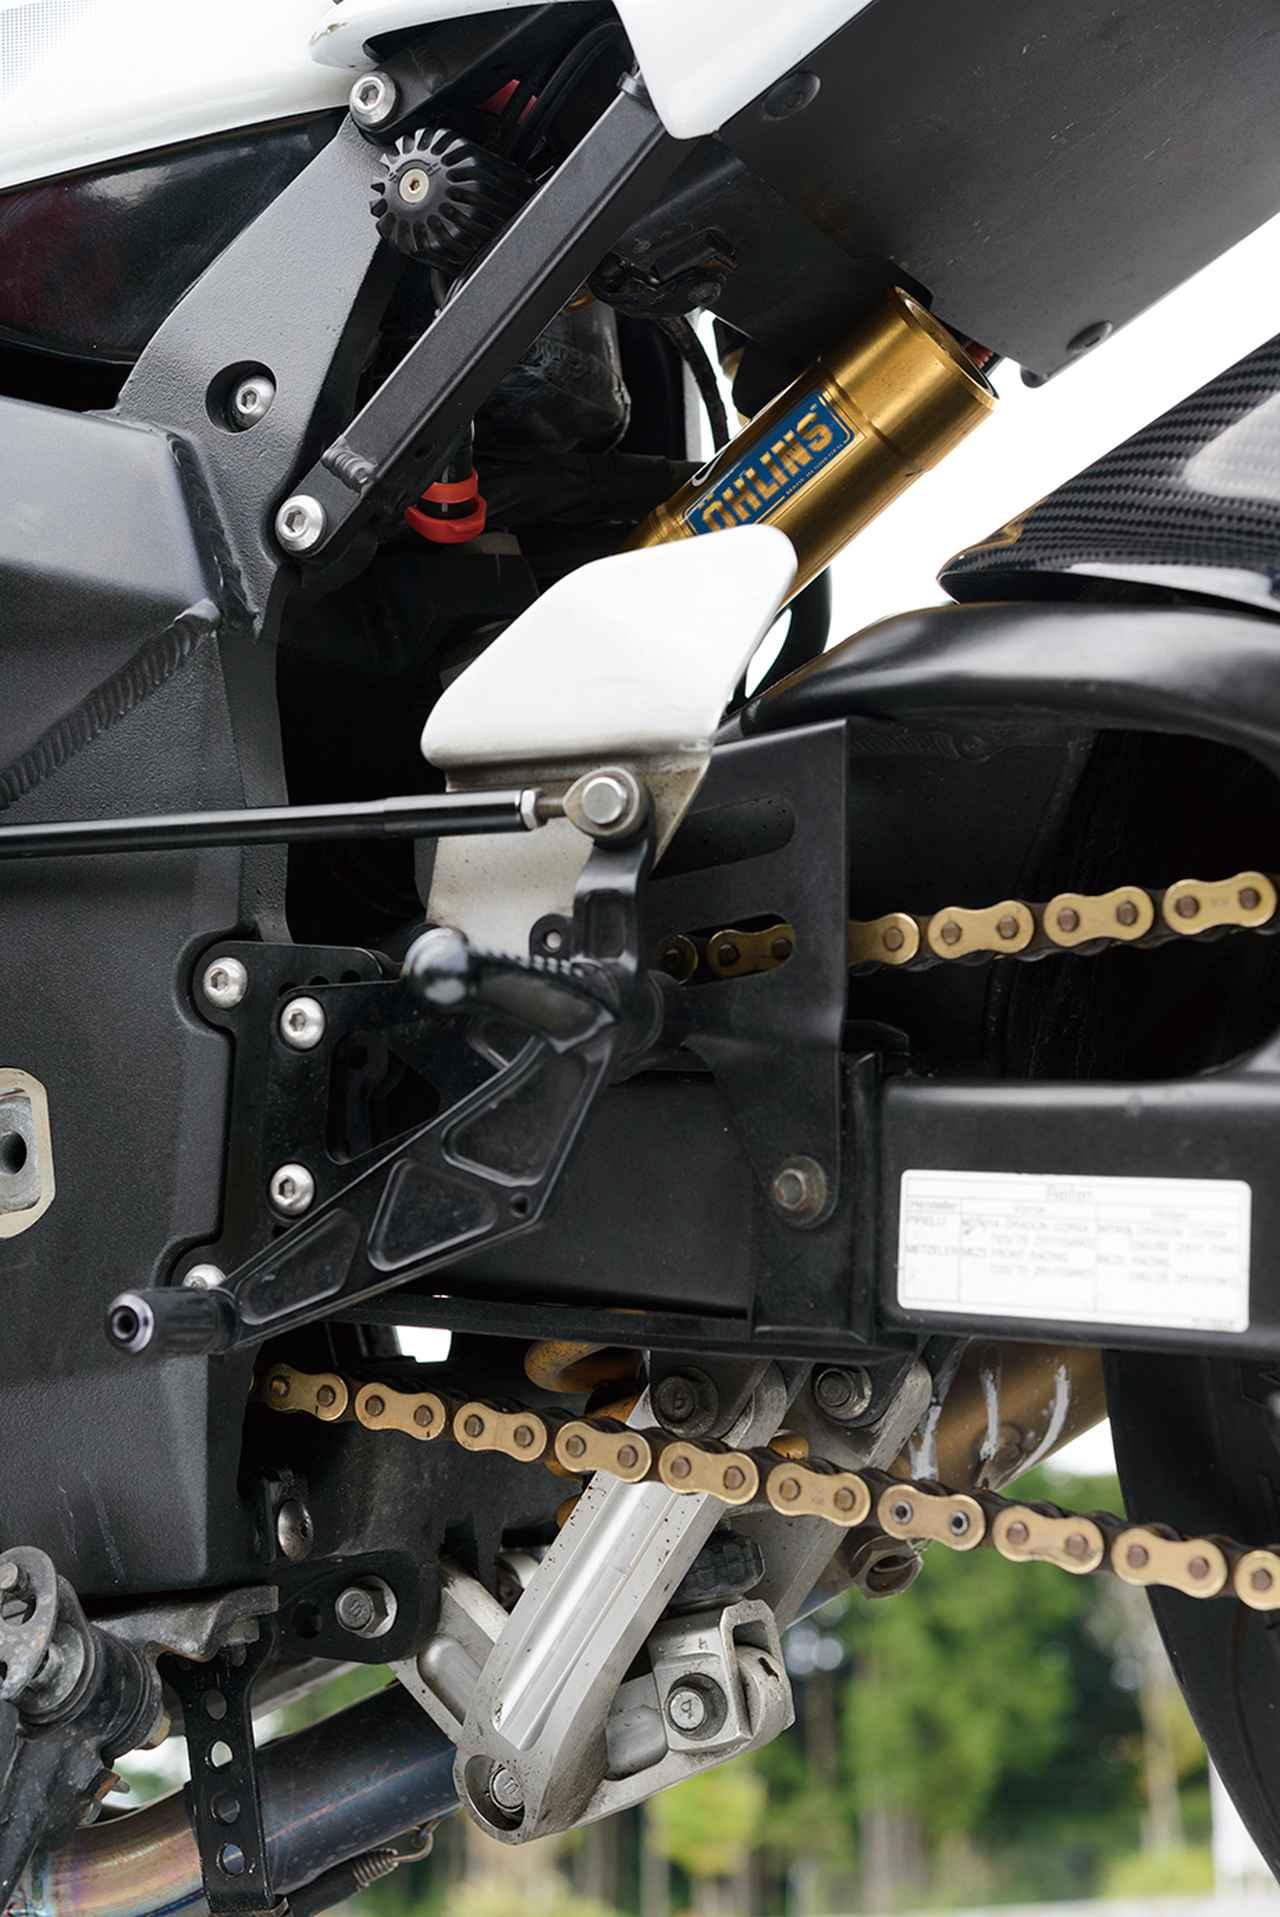 画像: ブレーキとミッションのペダルをステップペグと同軸にして確実な作動性を確保。ステップ位置はライダーの体格や好みに応じて高さや前後位置を変えられる。もちろん1アップ5ダウンの「逆チェンジ」パターンにすることも可能。